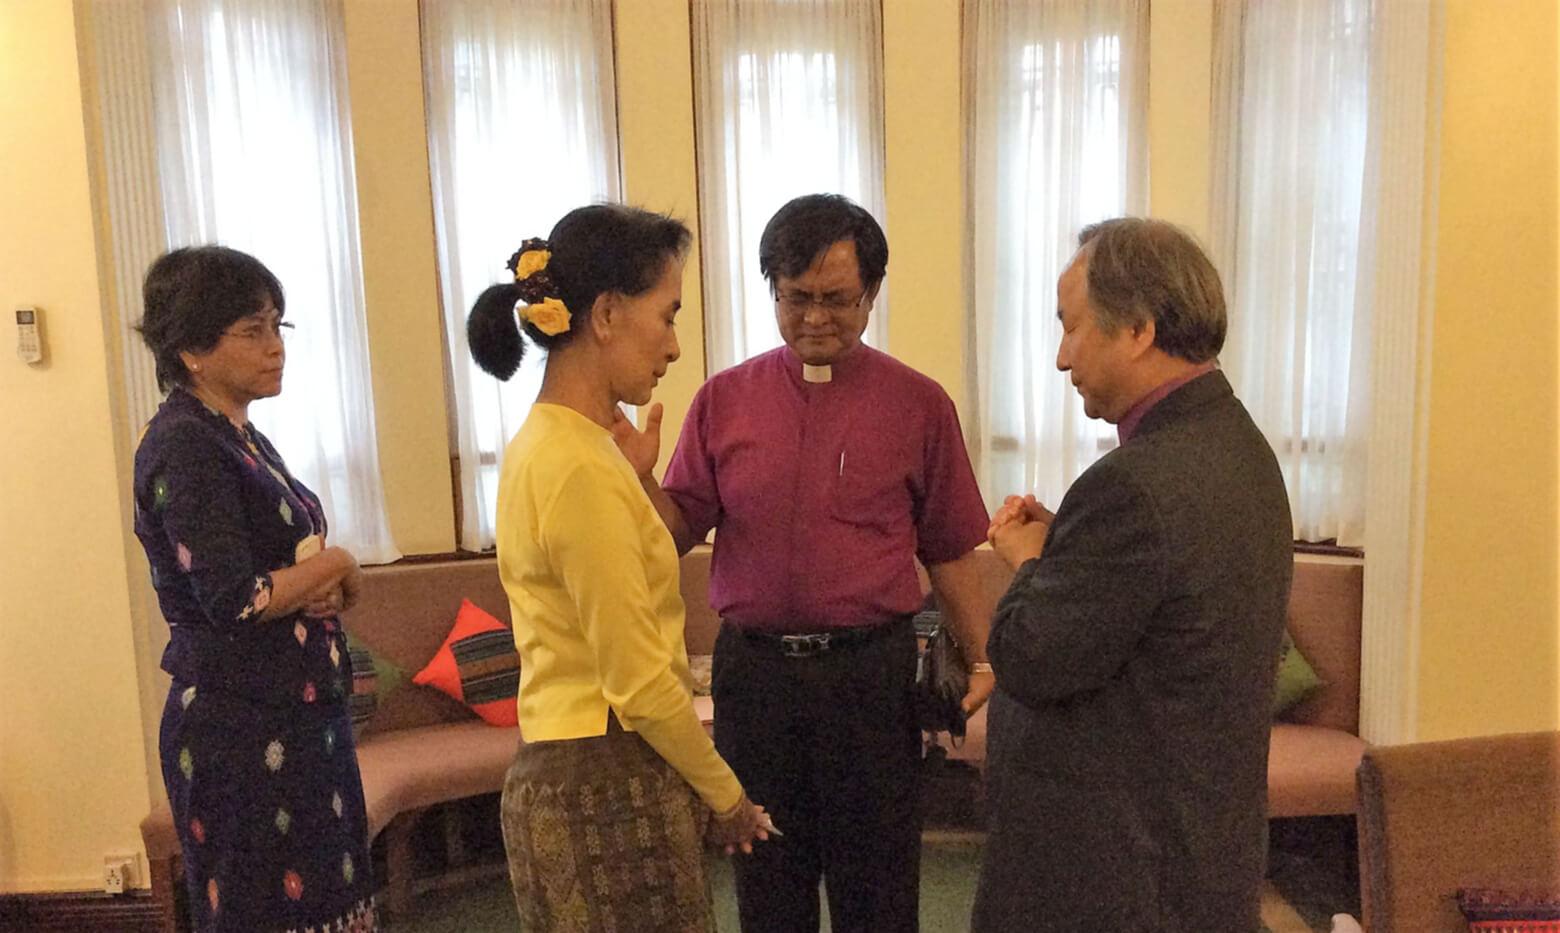 El golpe militar en Mayanmar tuvo lugar después de 10 años de democratización. El Obispo Jotan Moya de la Iglesia Metodista de Myanmar y el obispo Jung Hee-Soo visitan a la Sra. Aung San Soo-Chi , que estaba en situación de pensión, para conversar . Foto cortesía del pastor Lim-Hyun Jung, director de Darakbang Asia.